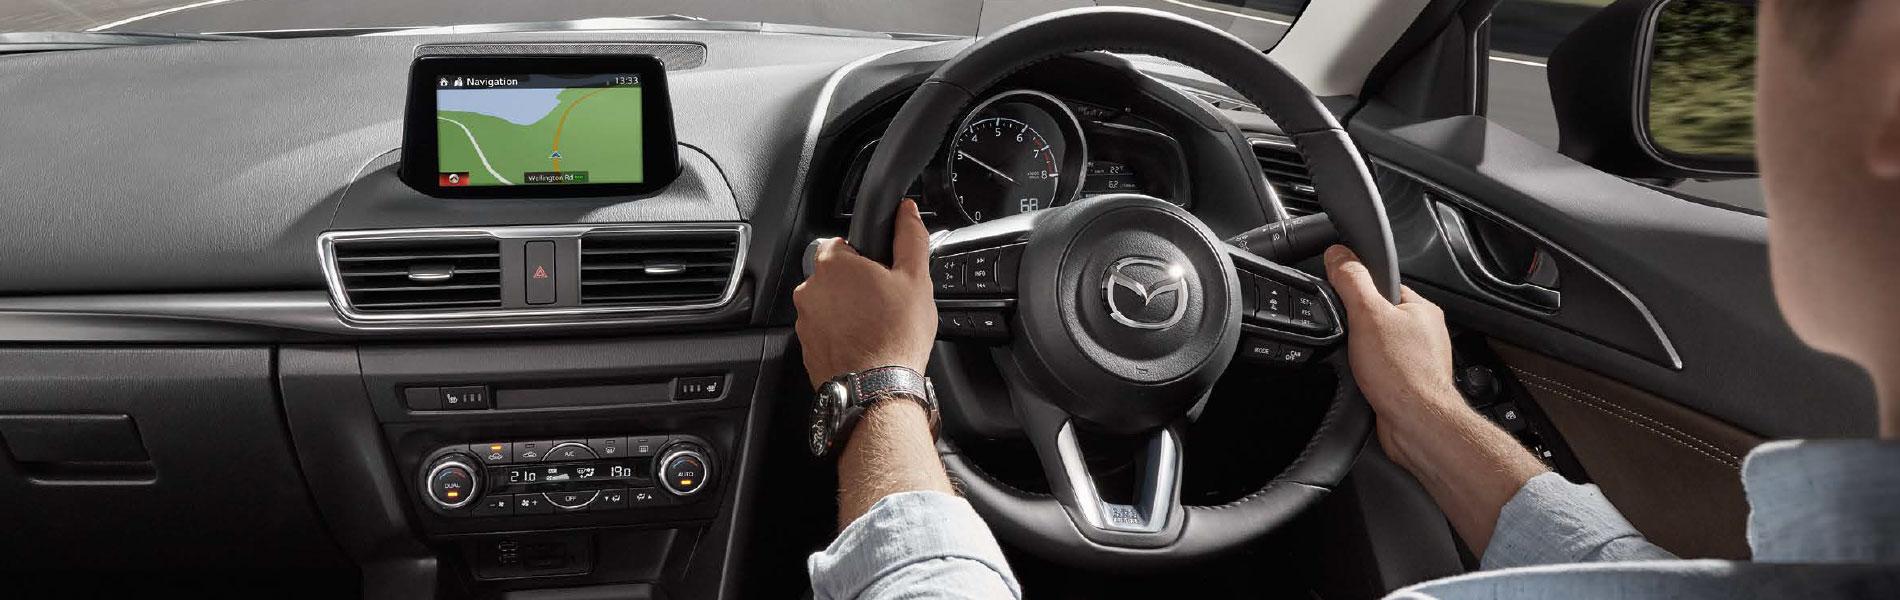 Mazda Mazda3 Image 3